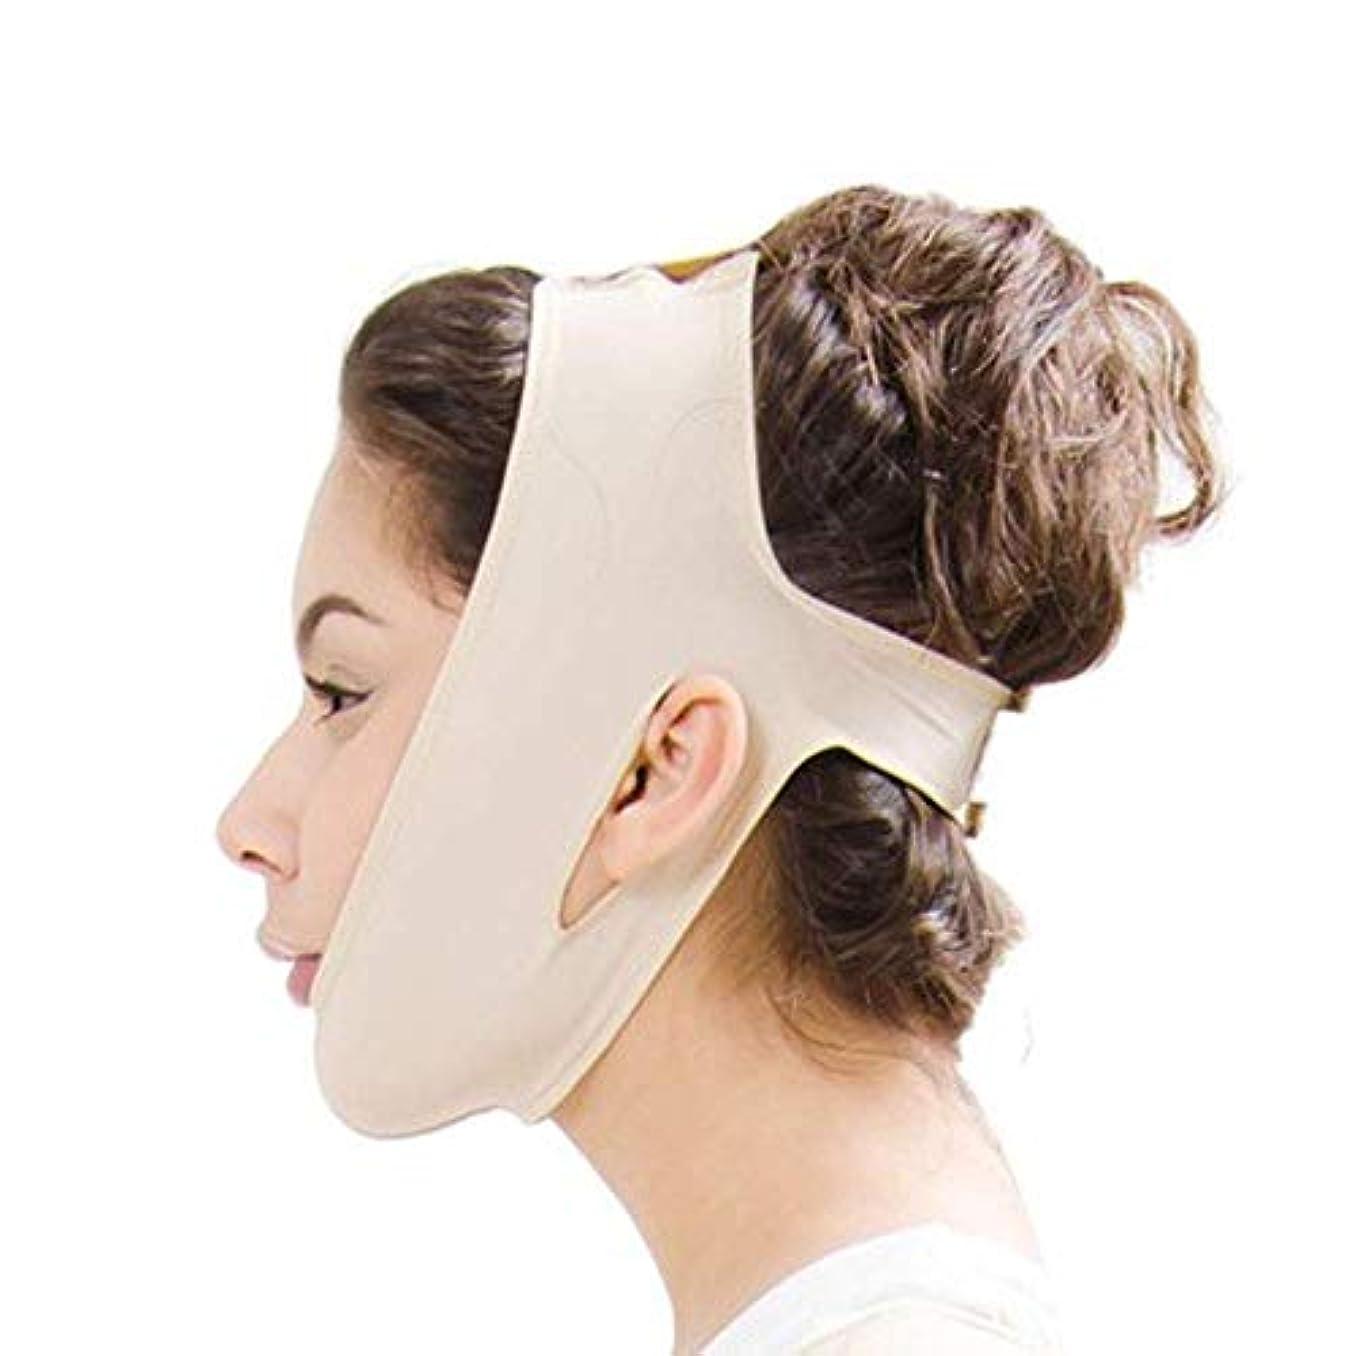 呼びかける半導体矢フェイスリフティングマスク、フェイスダブルチンコンプレッションシンスモールVフェイスバンデージヘッドギアリフティングファーミングスキン(サイズ:M)